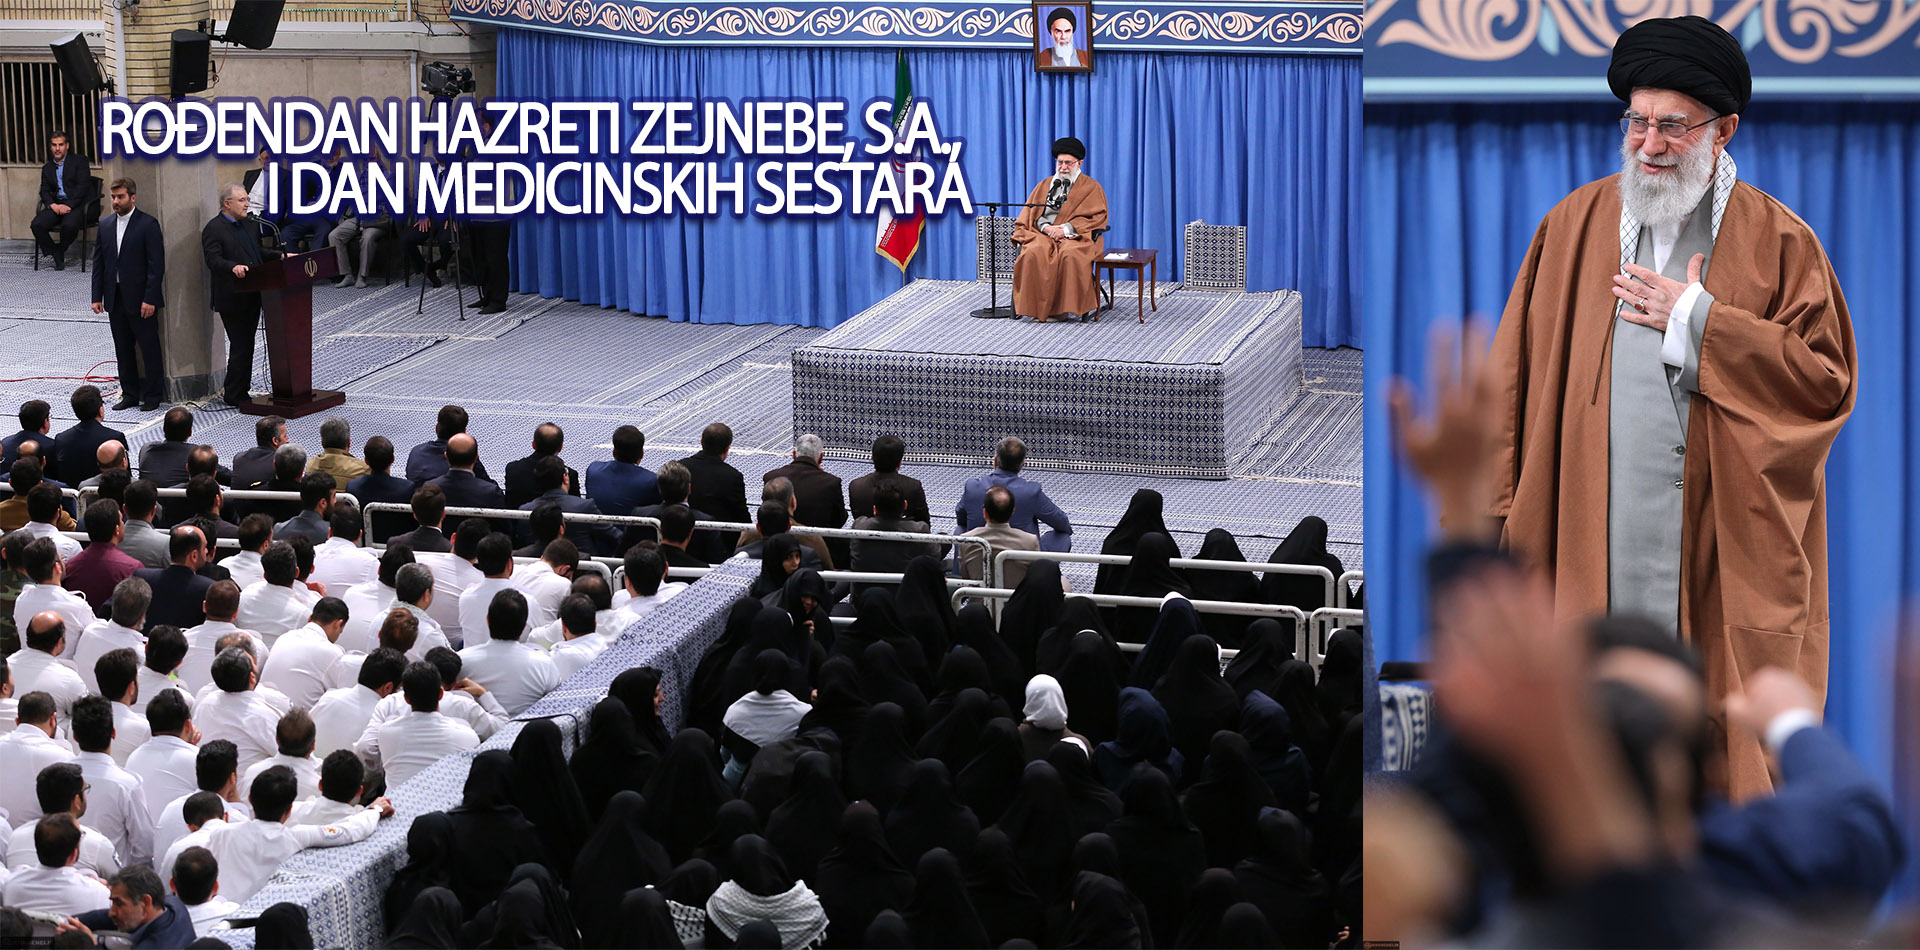 Rođendan hazreti Zejnebe, s.a., i dan medicinskih sestara